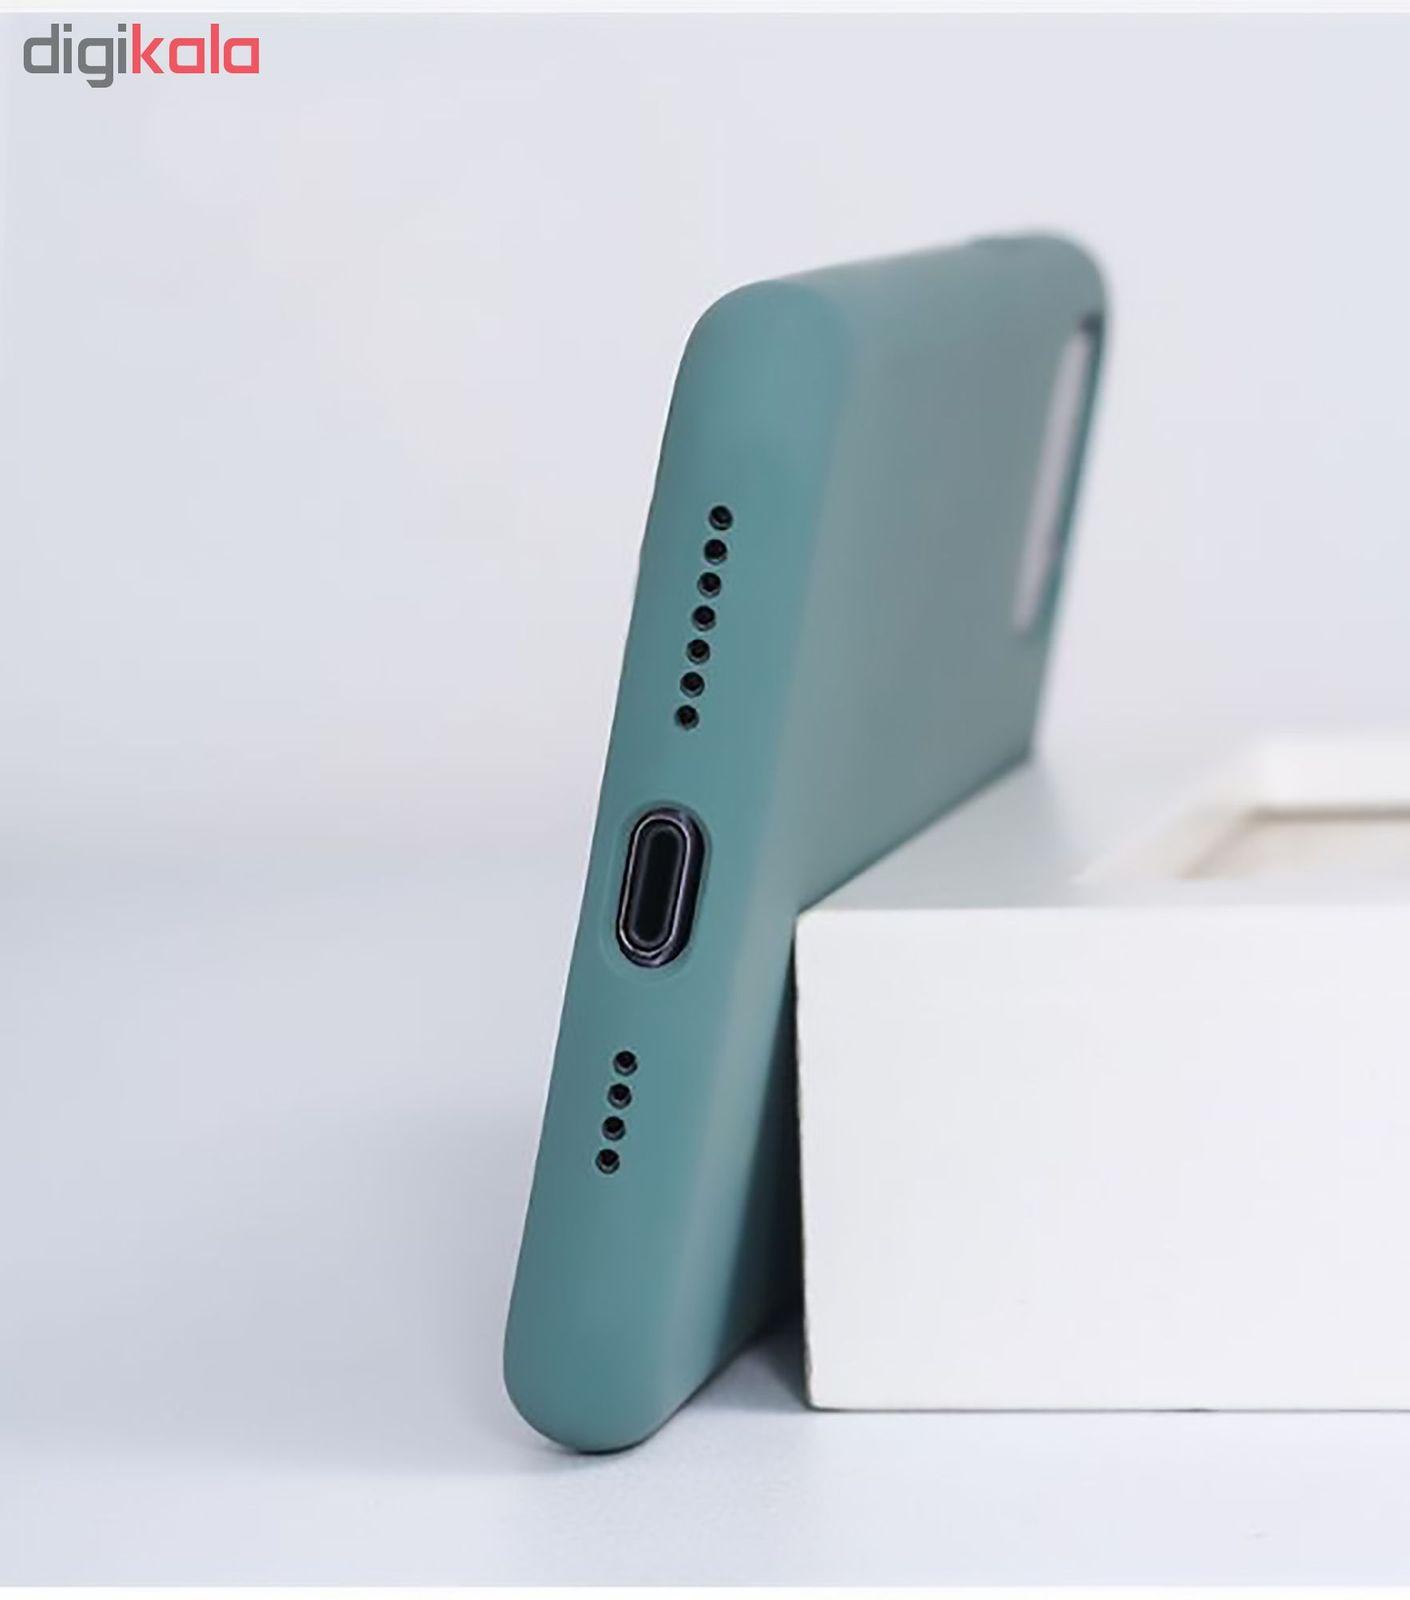 کاور مدل Silc مناسب برای گوشی موبایل اپل Iphone 8 / iphone 7 main 1 14